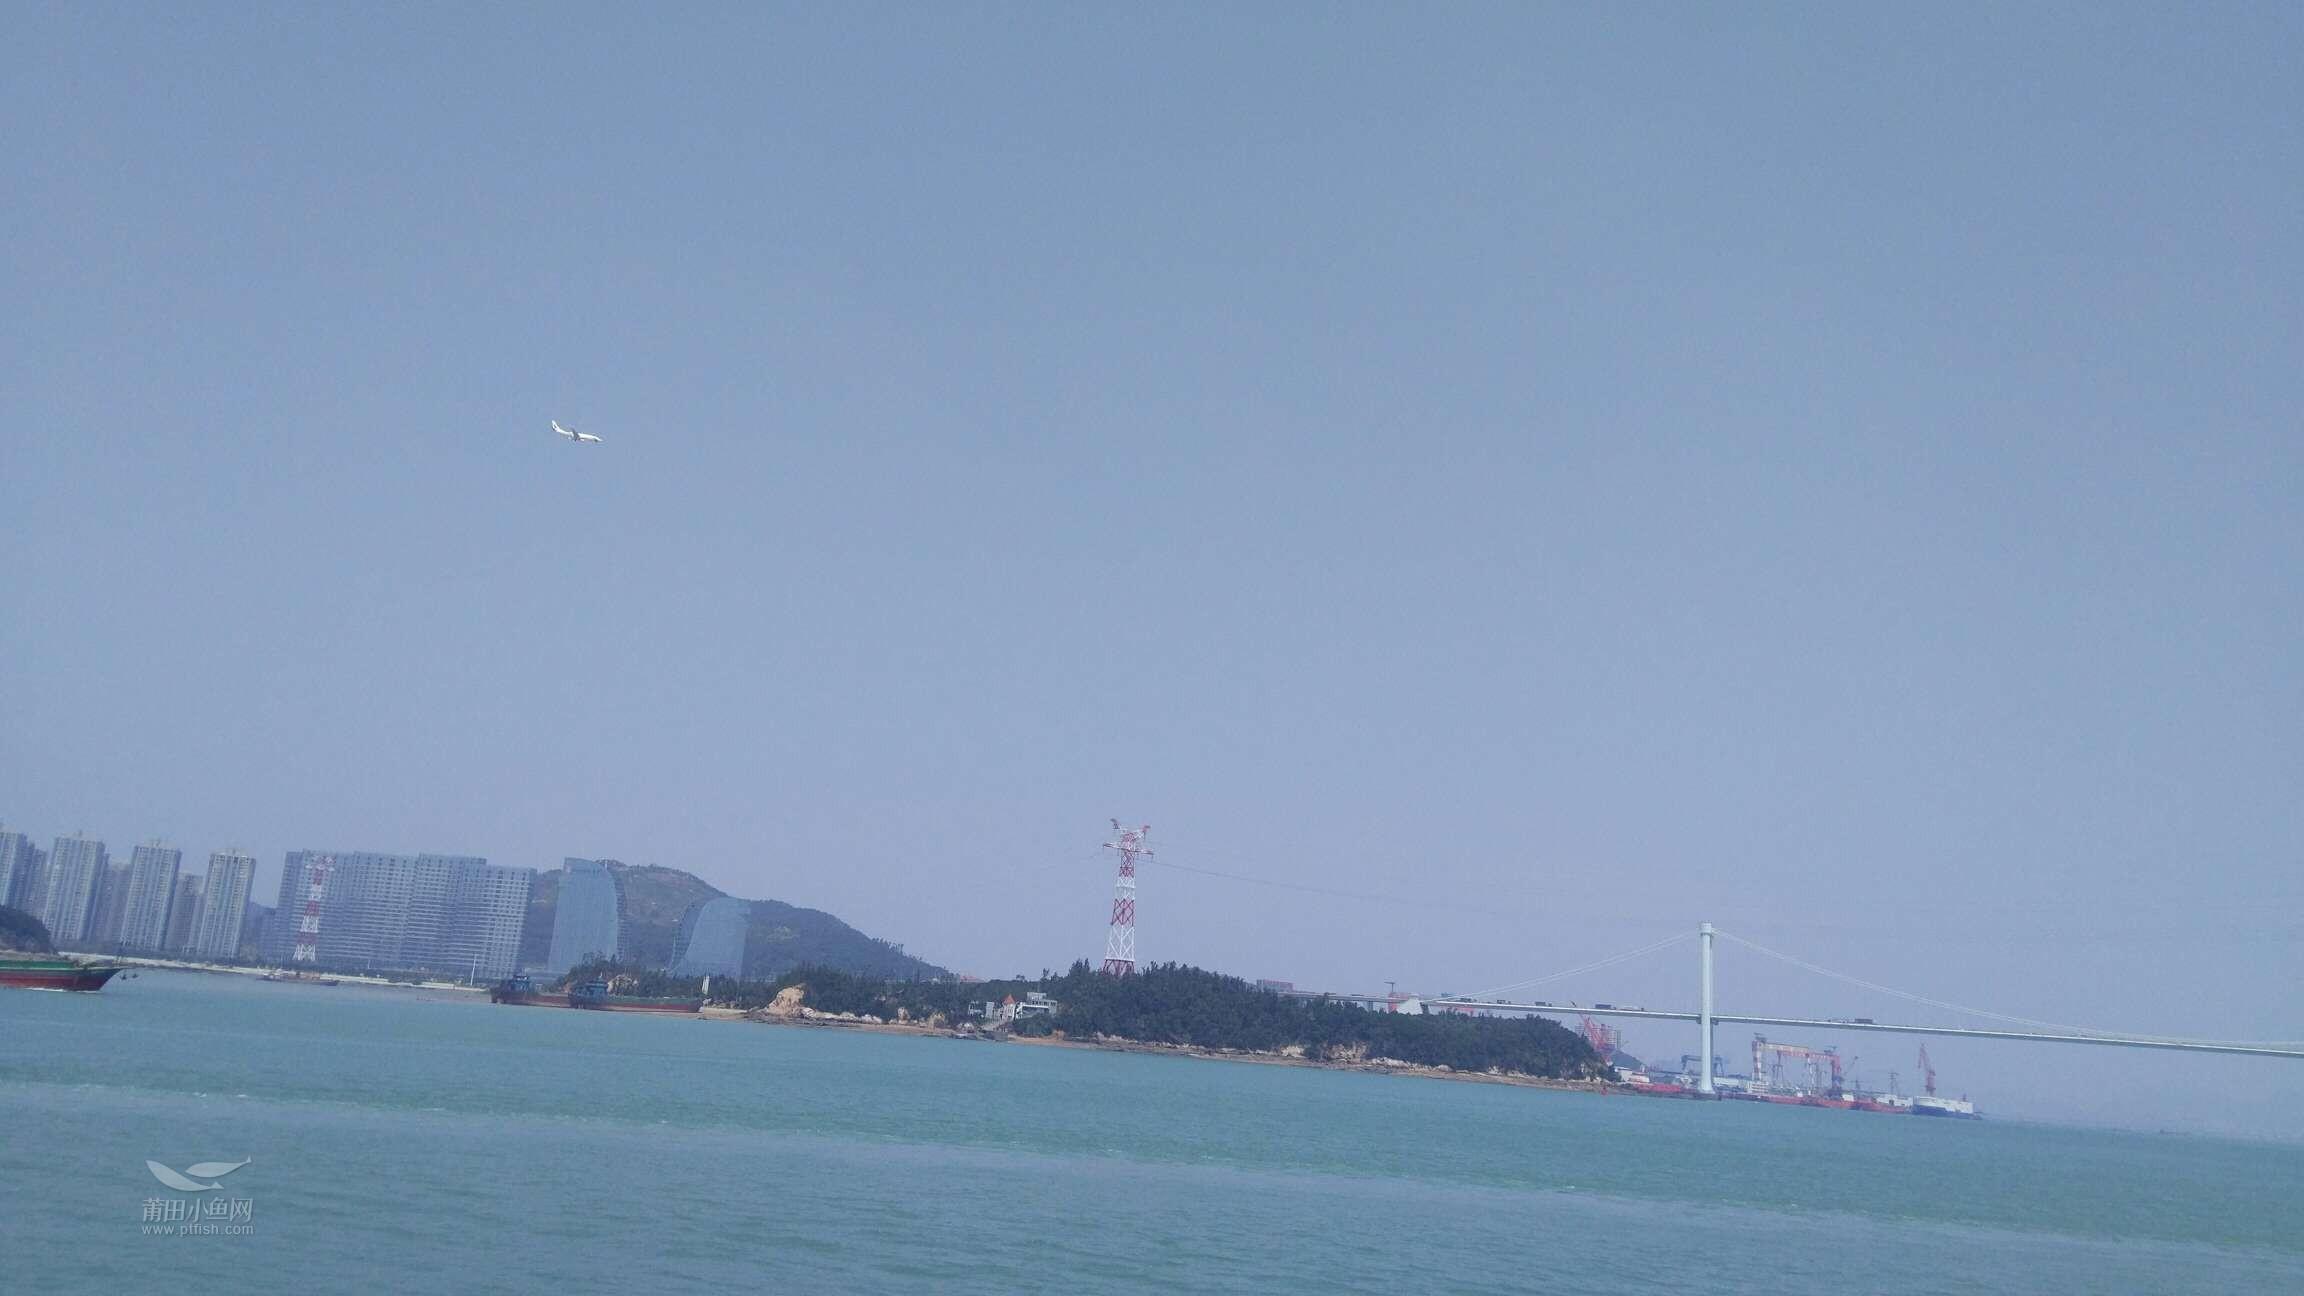 莆田飞机场,以后在家门口看飞机就是这样看.